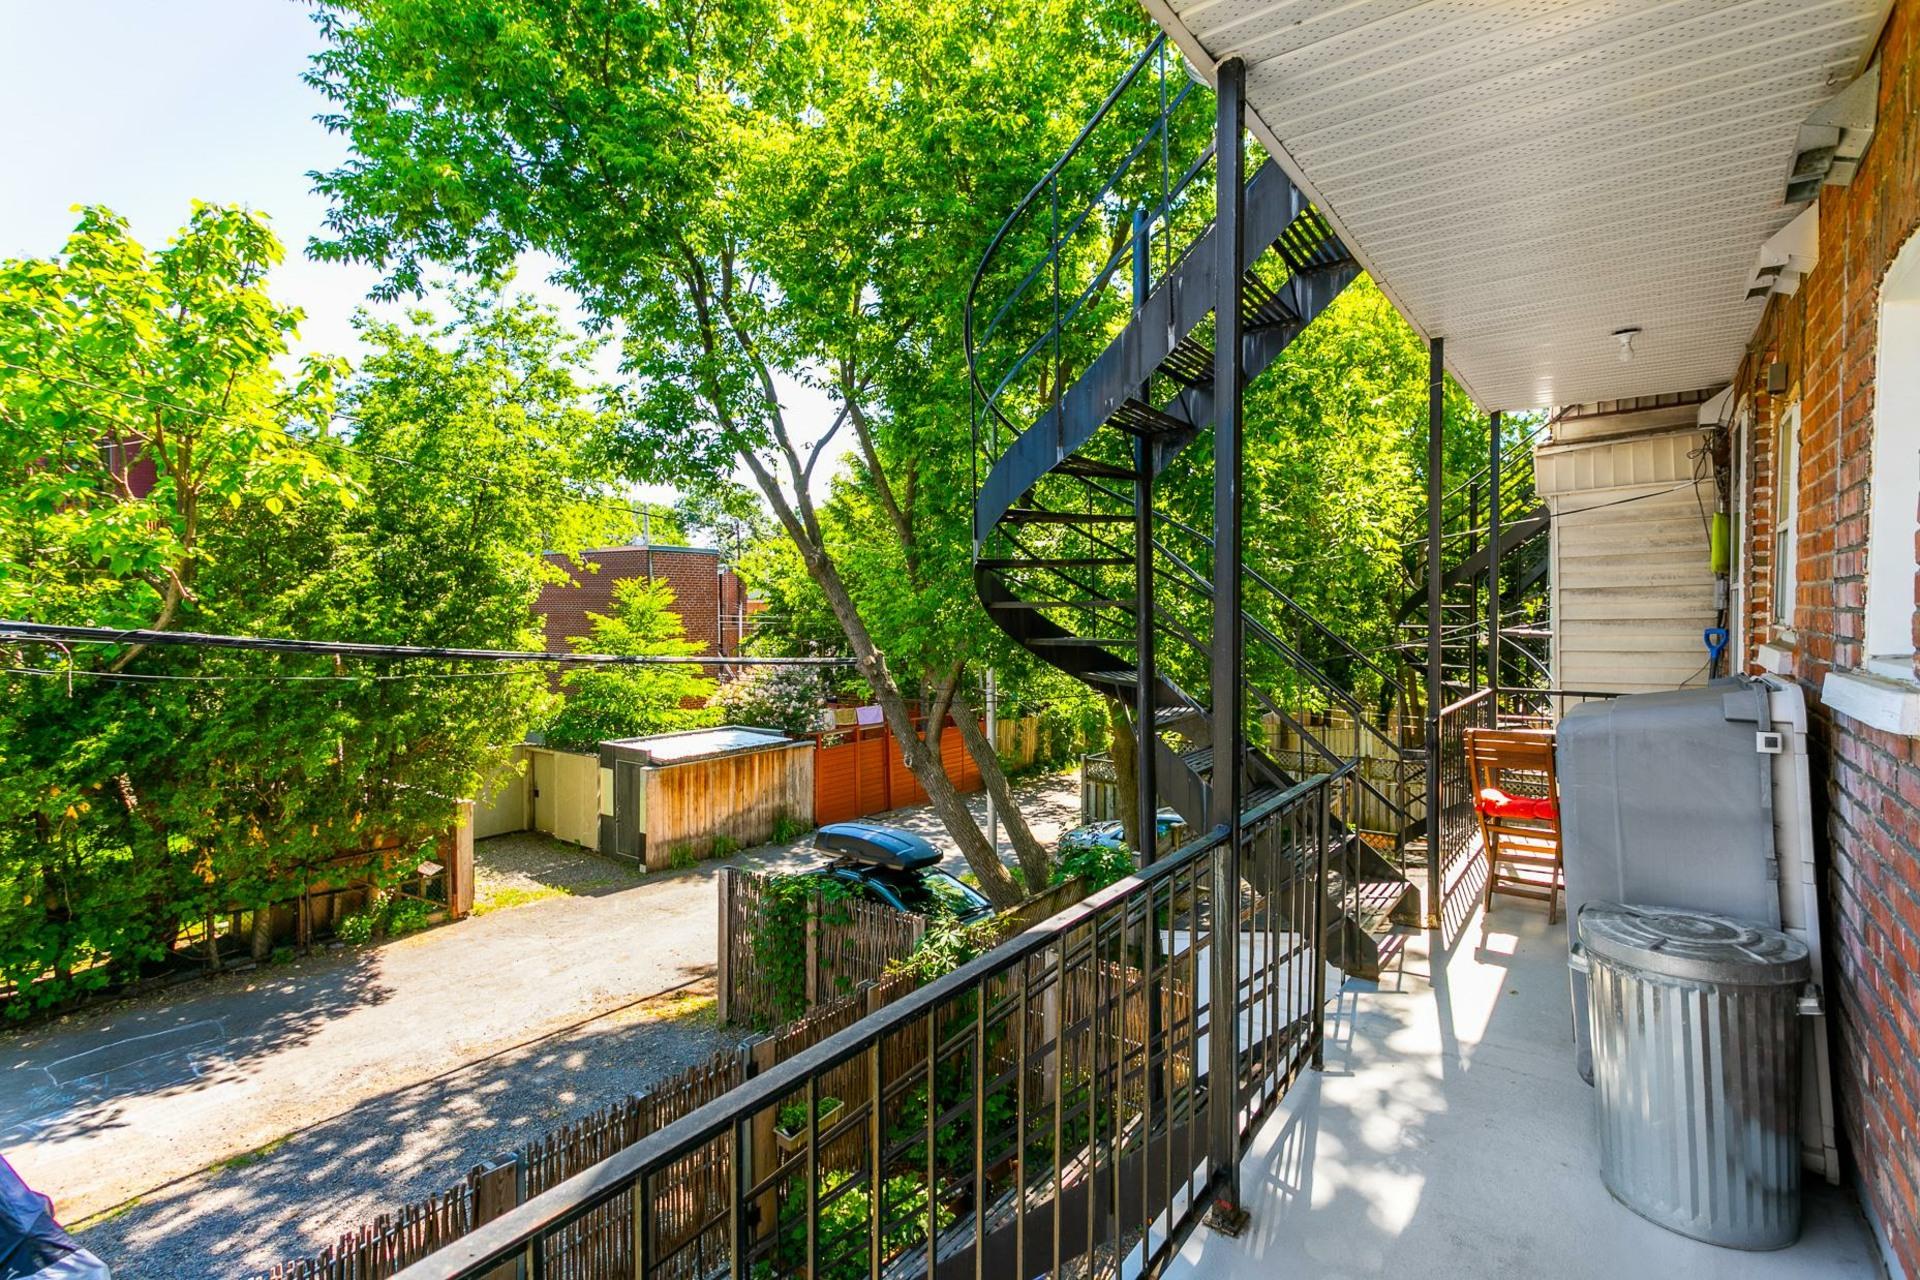 image 14 - Appartement À vendre Le Plateau-Mont-Royal Montréal  - 4 pièces